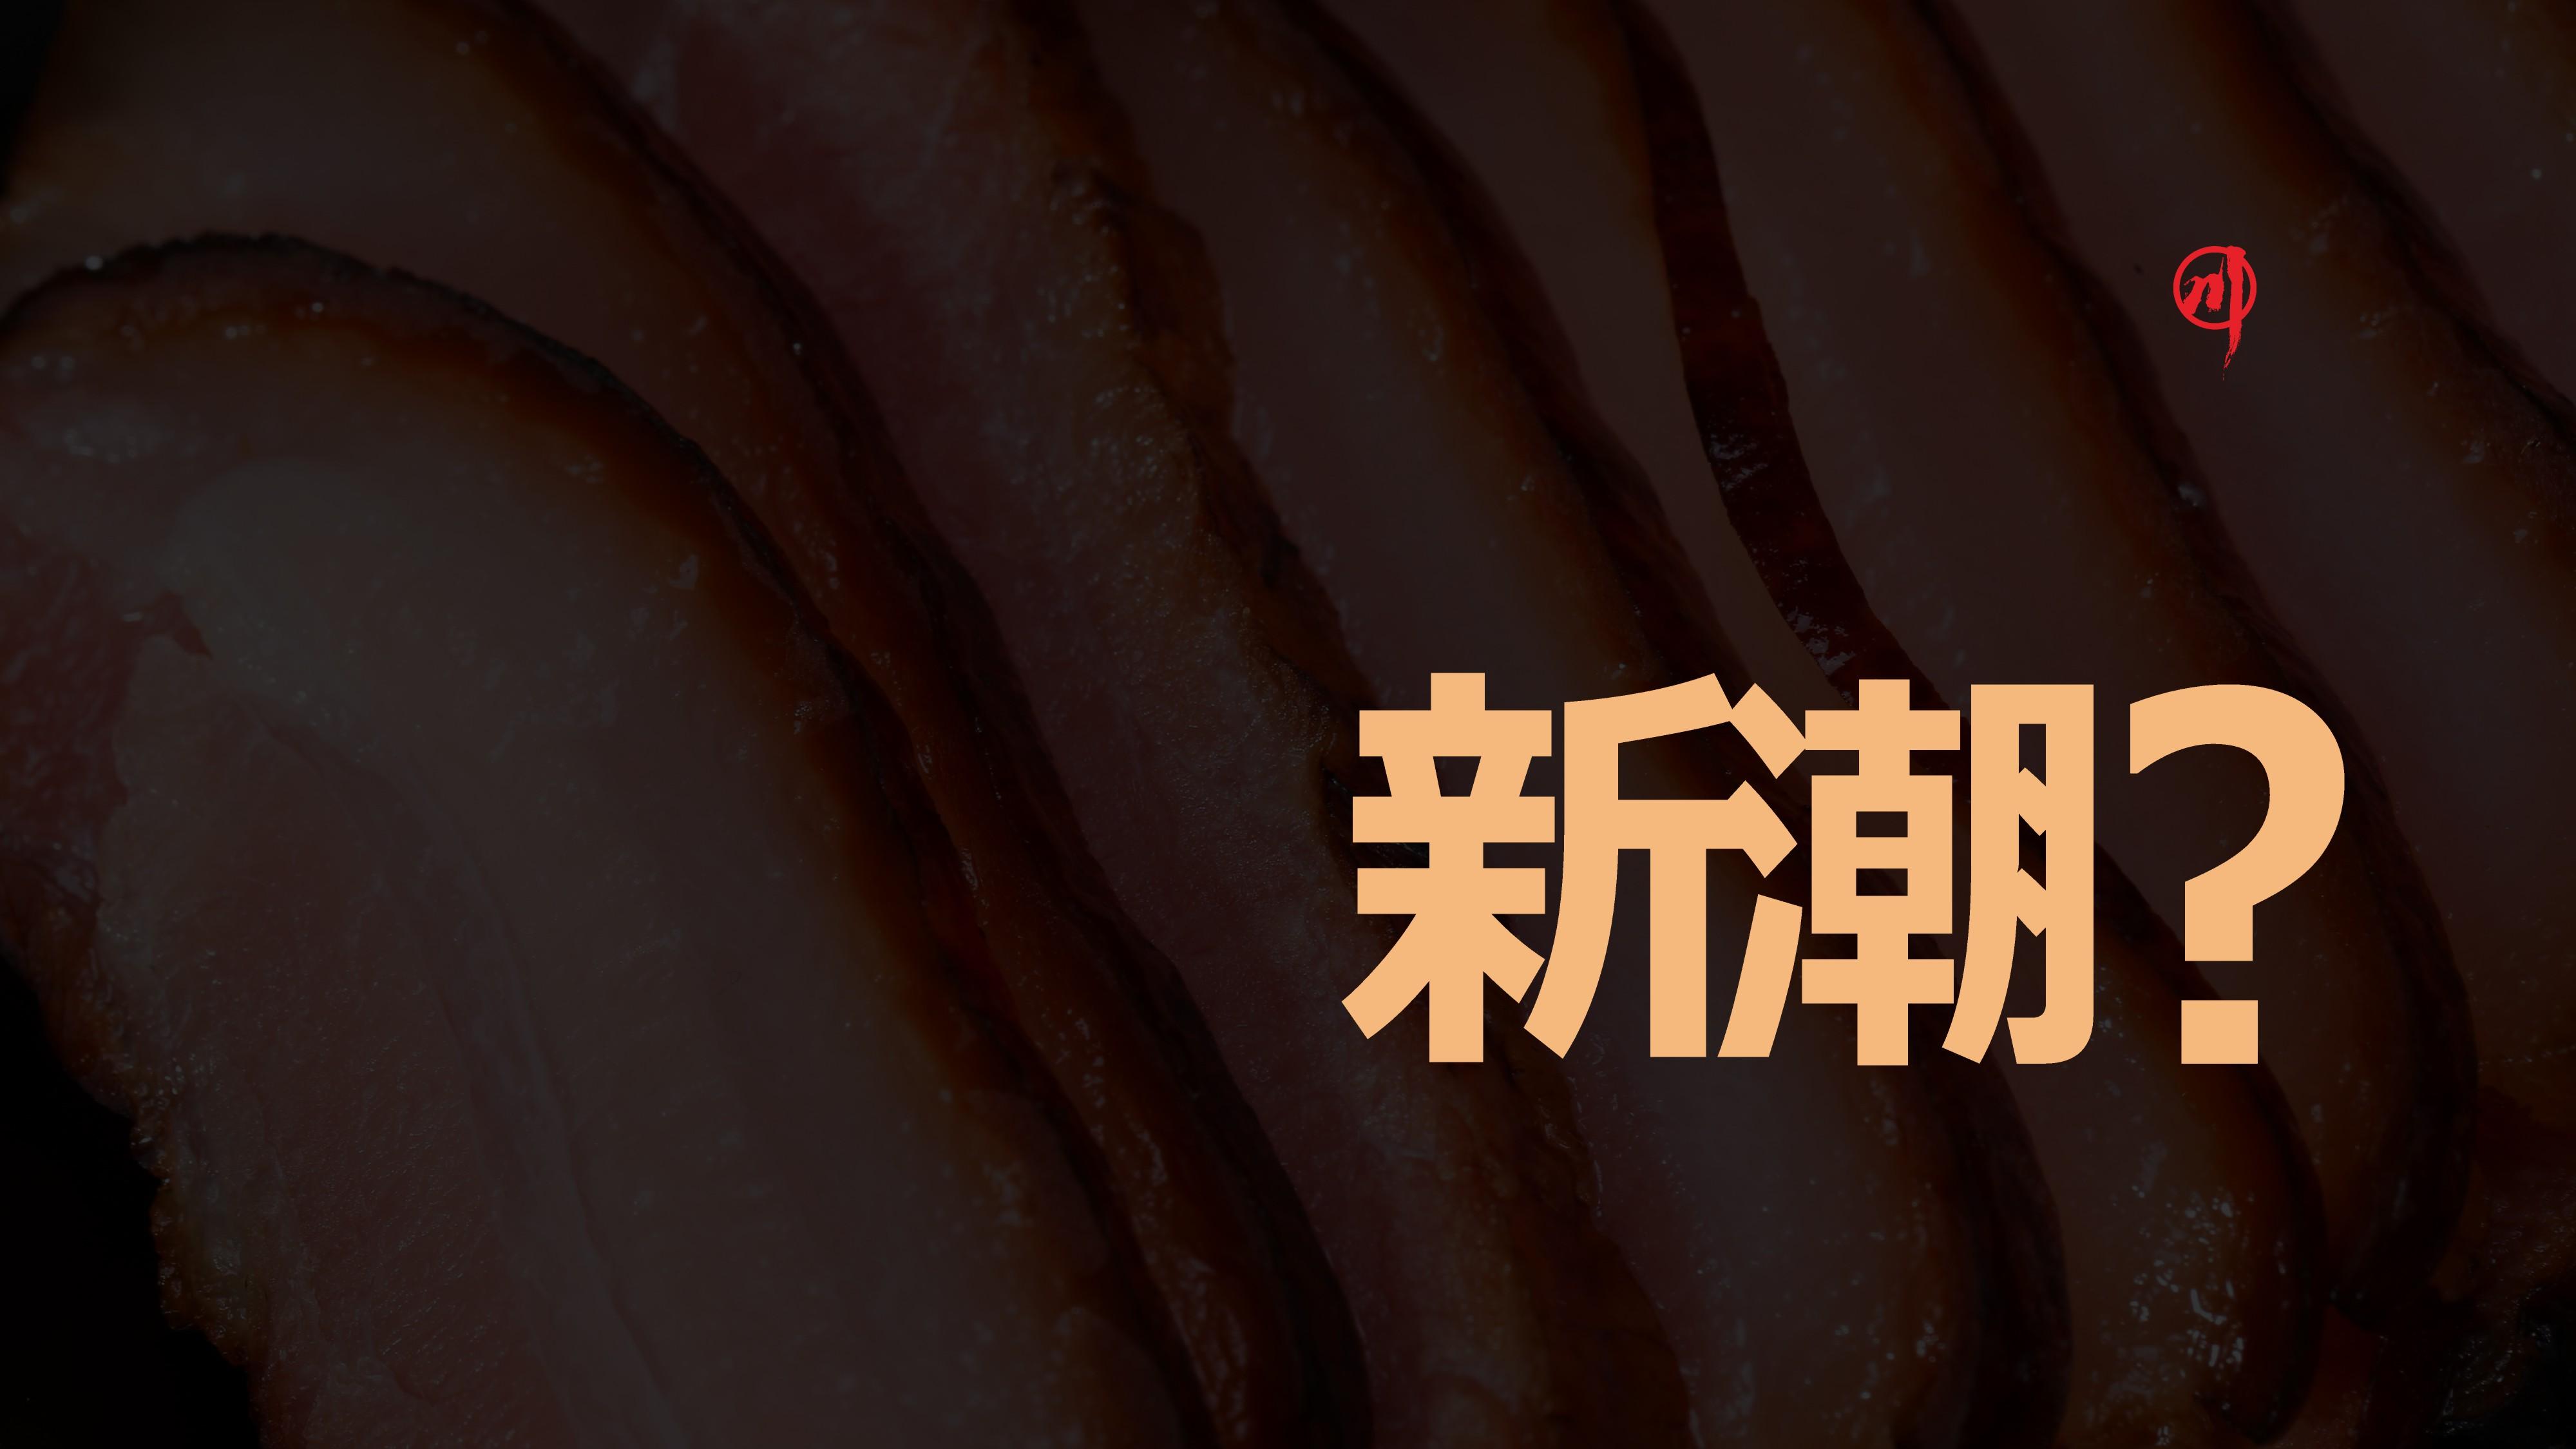 造塑创意 x 白领猪 四川腊肉品牌形象建设全案策划